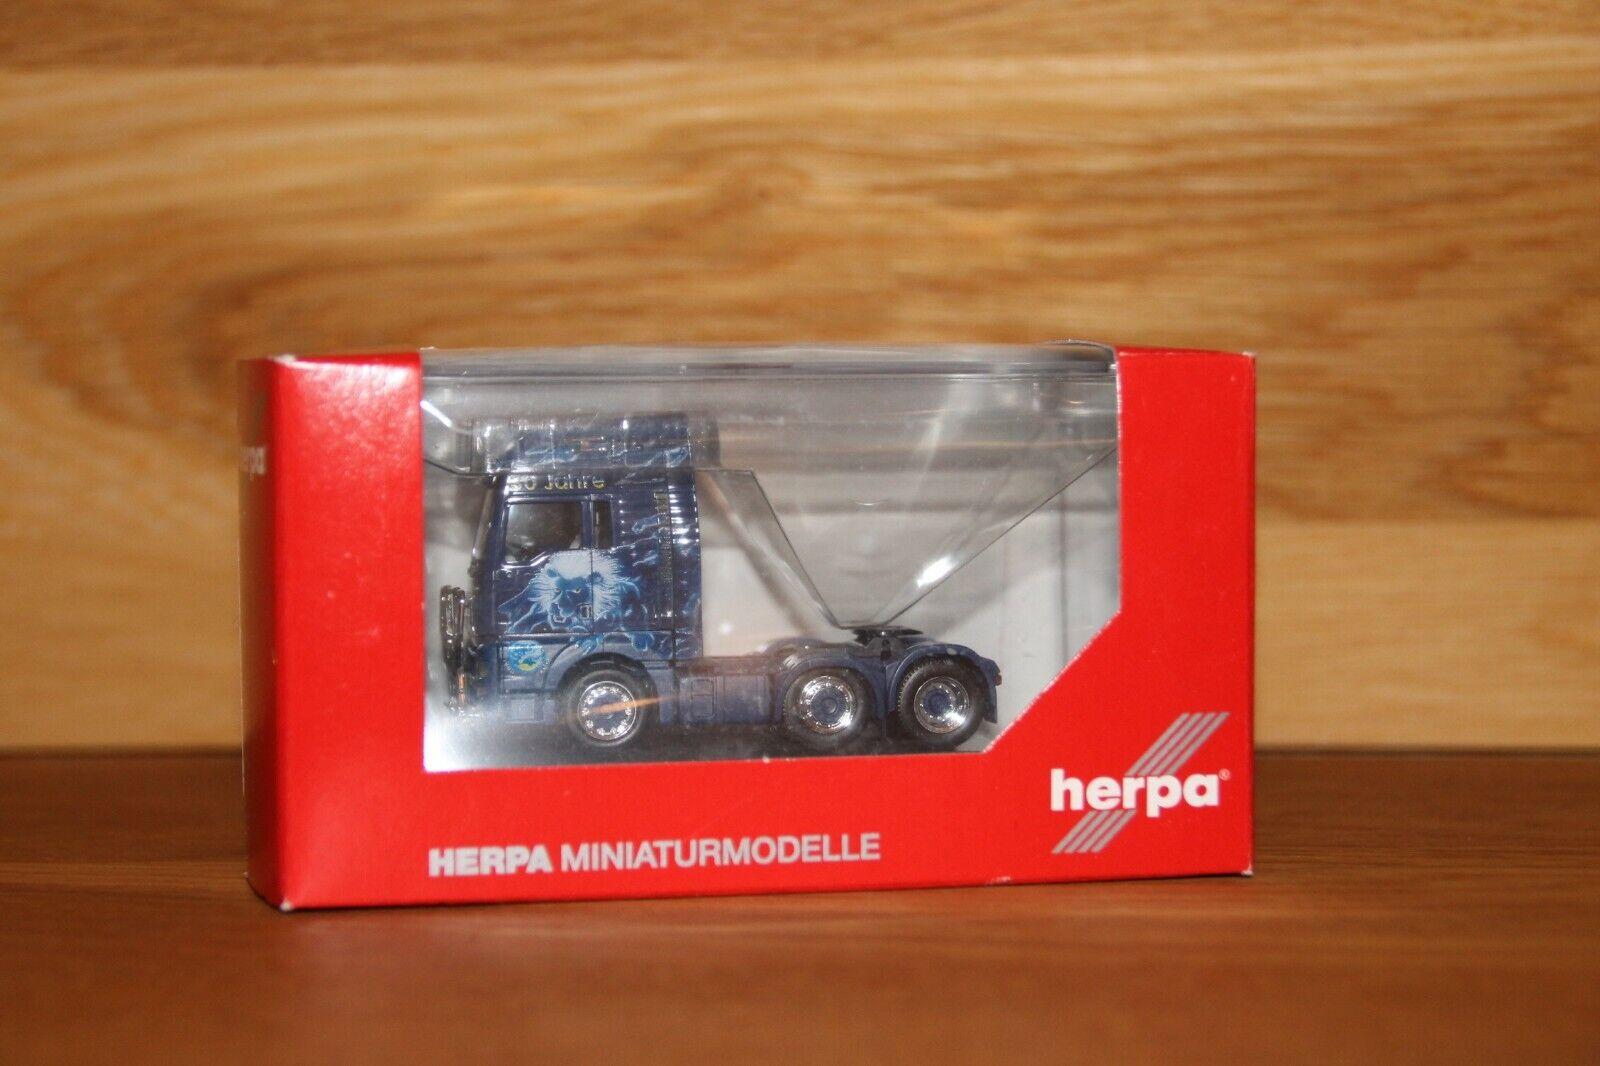 selección larga Herpa, 110853 MAN MAN MAN TGX XXL 6x2 tractor  Robert dobner   online al mejor precio